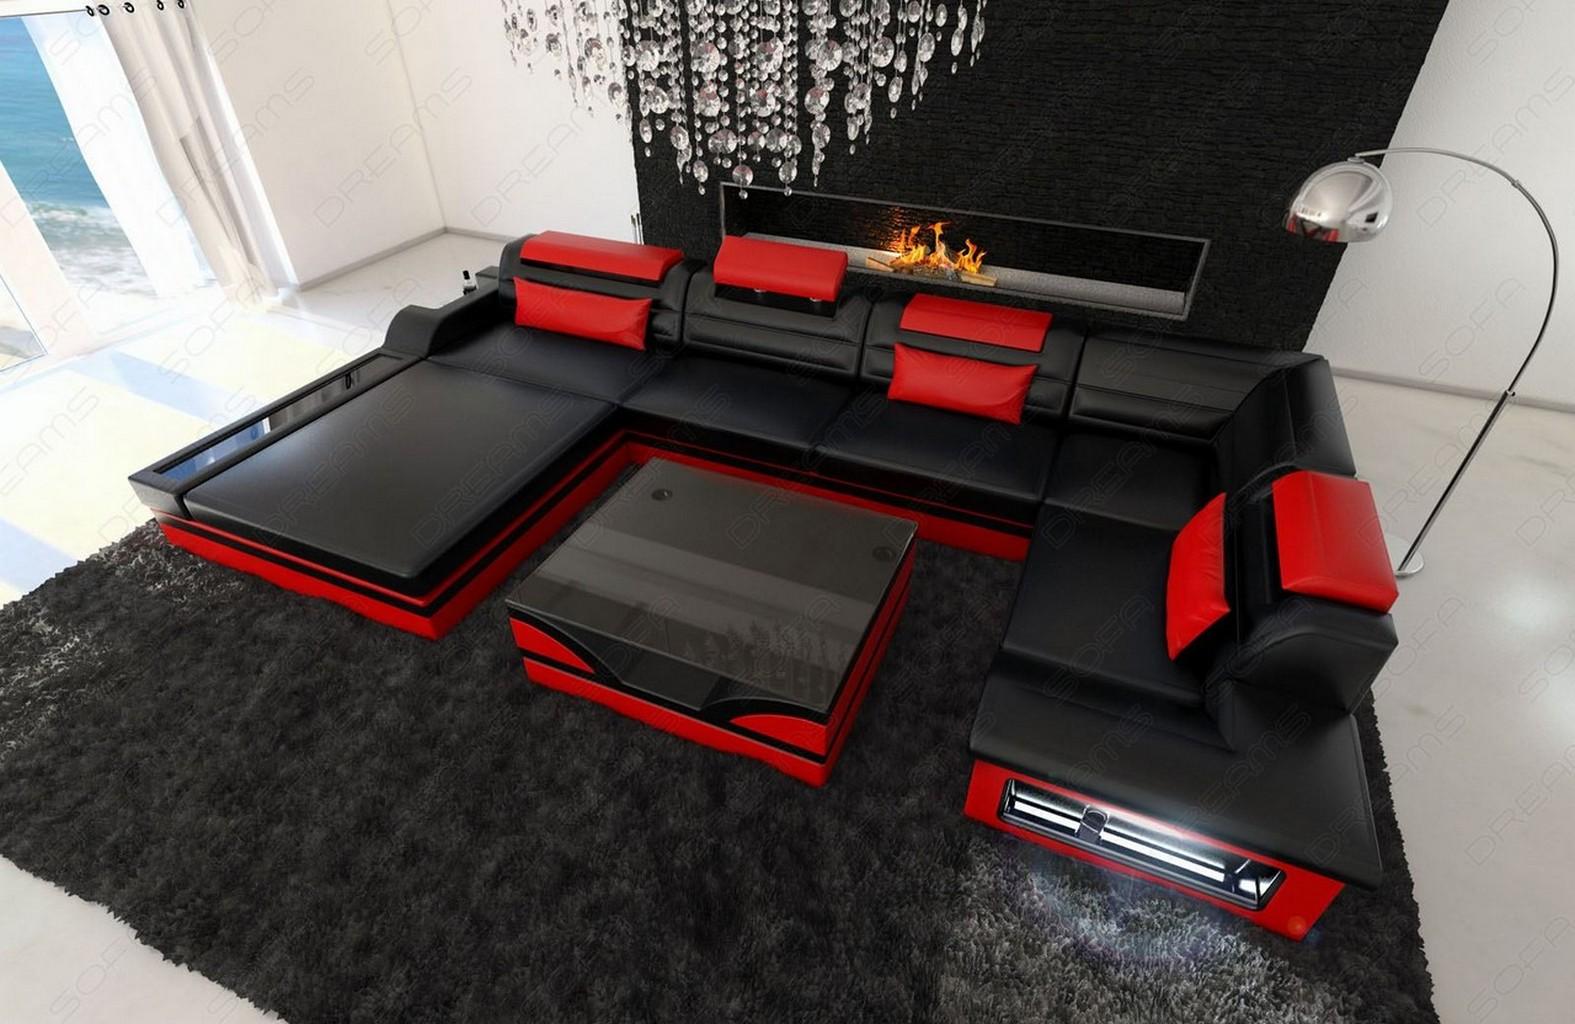 design leather sofa mezzo with led lights black red ebay. Black Bedroom Furniture Sets. Home Design Ideas